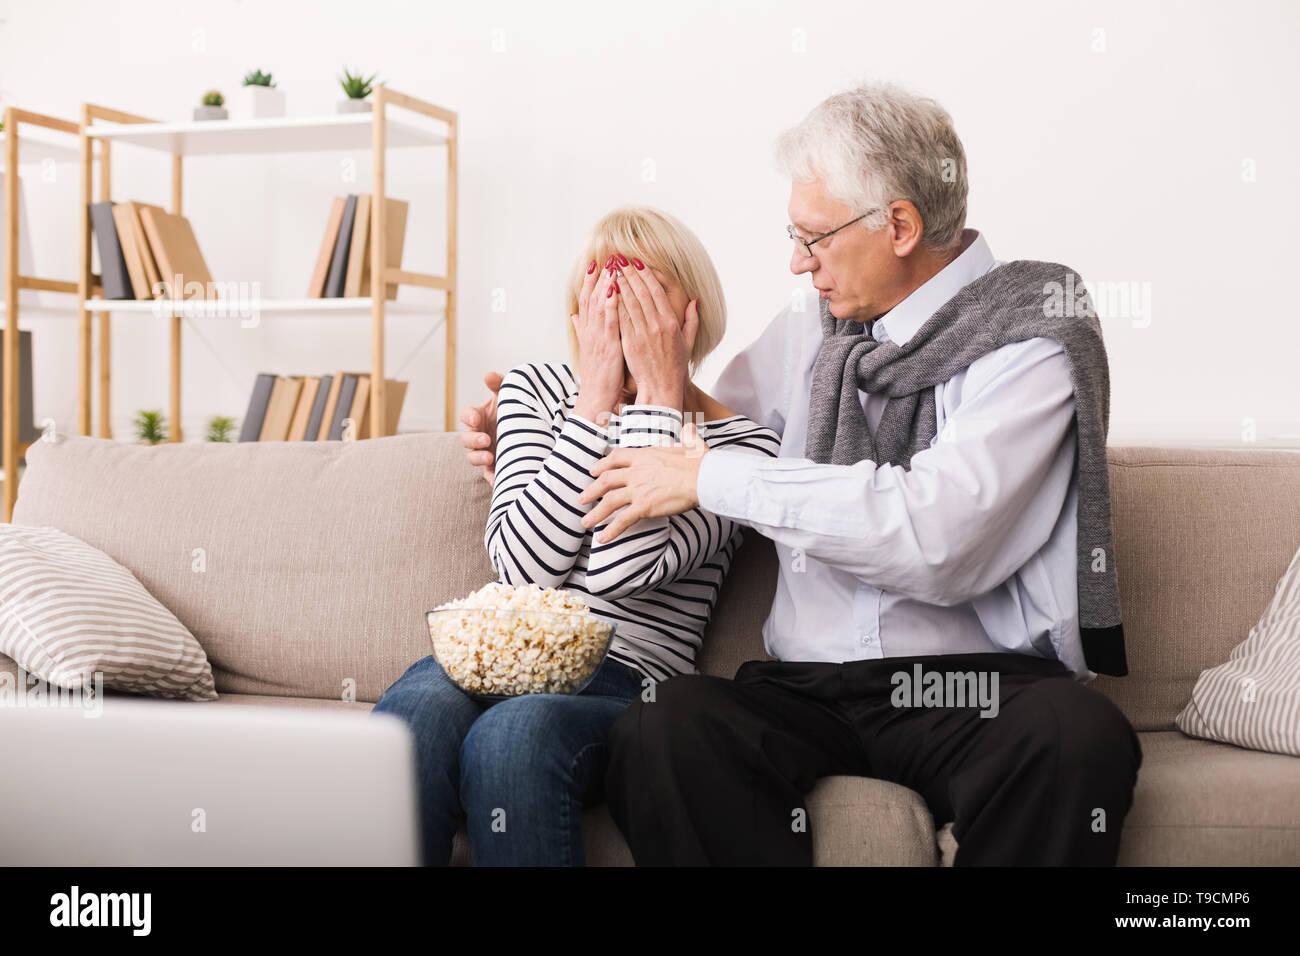 Erschrocken Senior Frau beobachten Horrorfilm mit Ehemann Stockbild